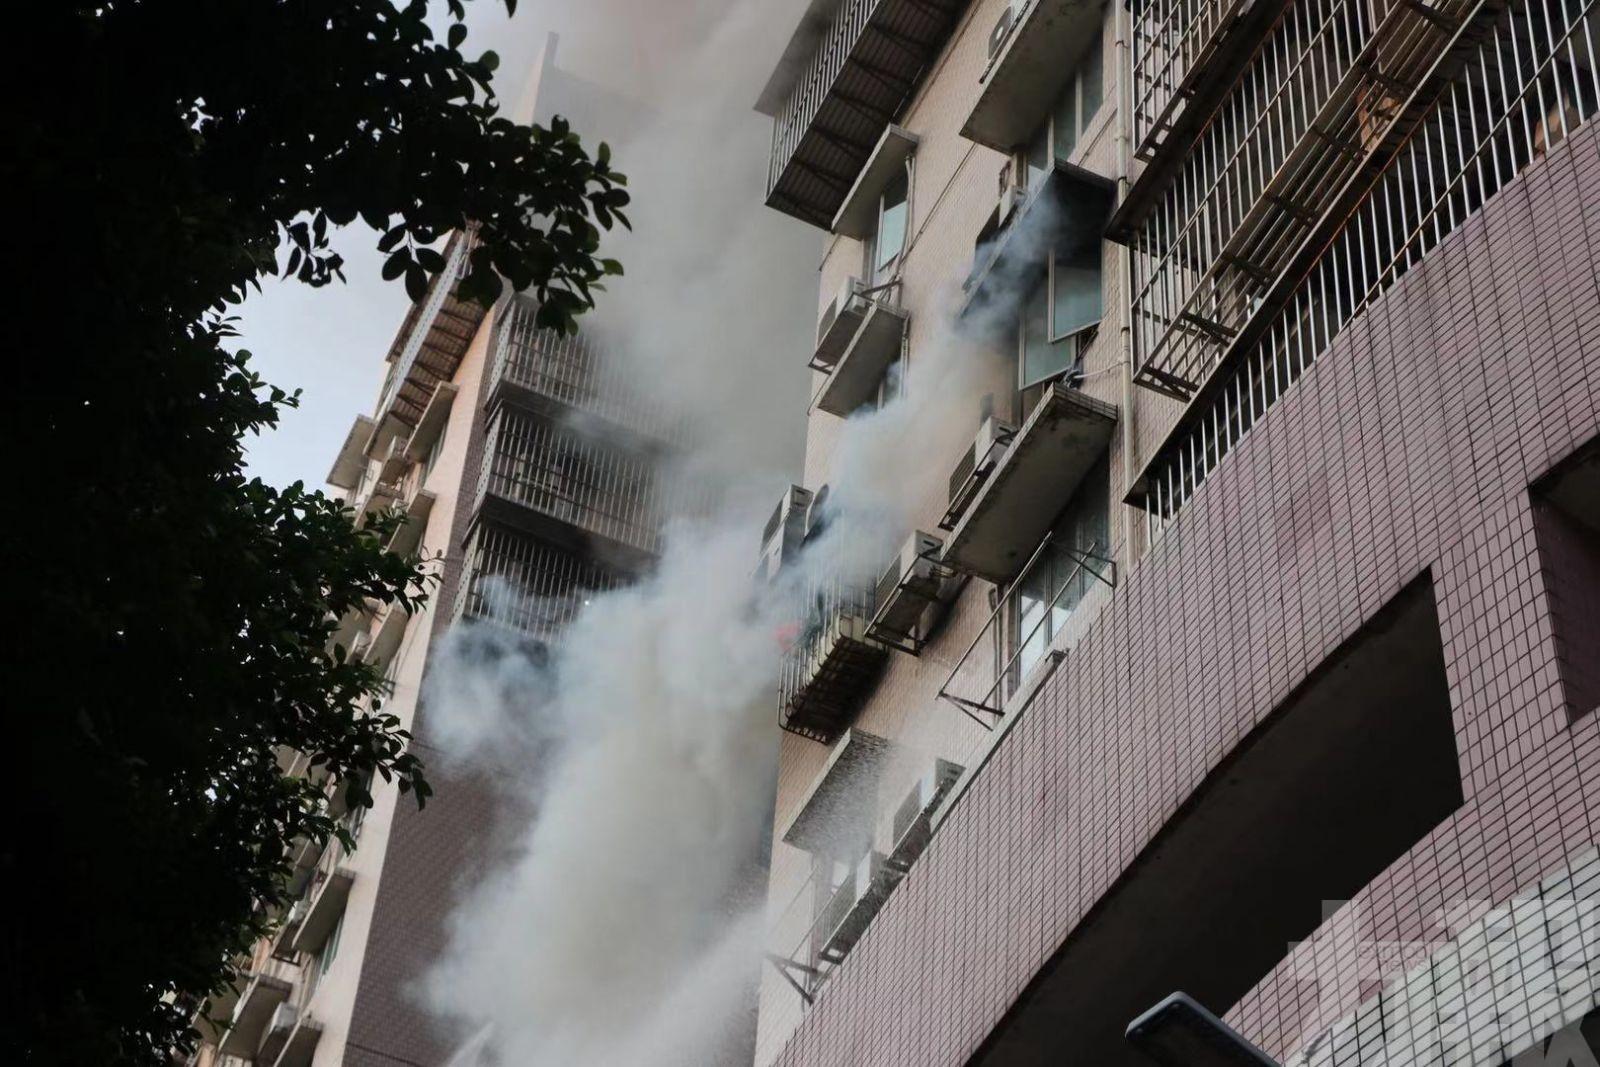 現場傳爆炸巨響 居民揮毛巾叫救命